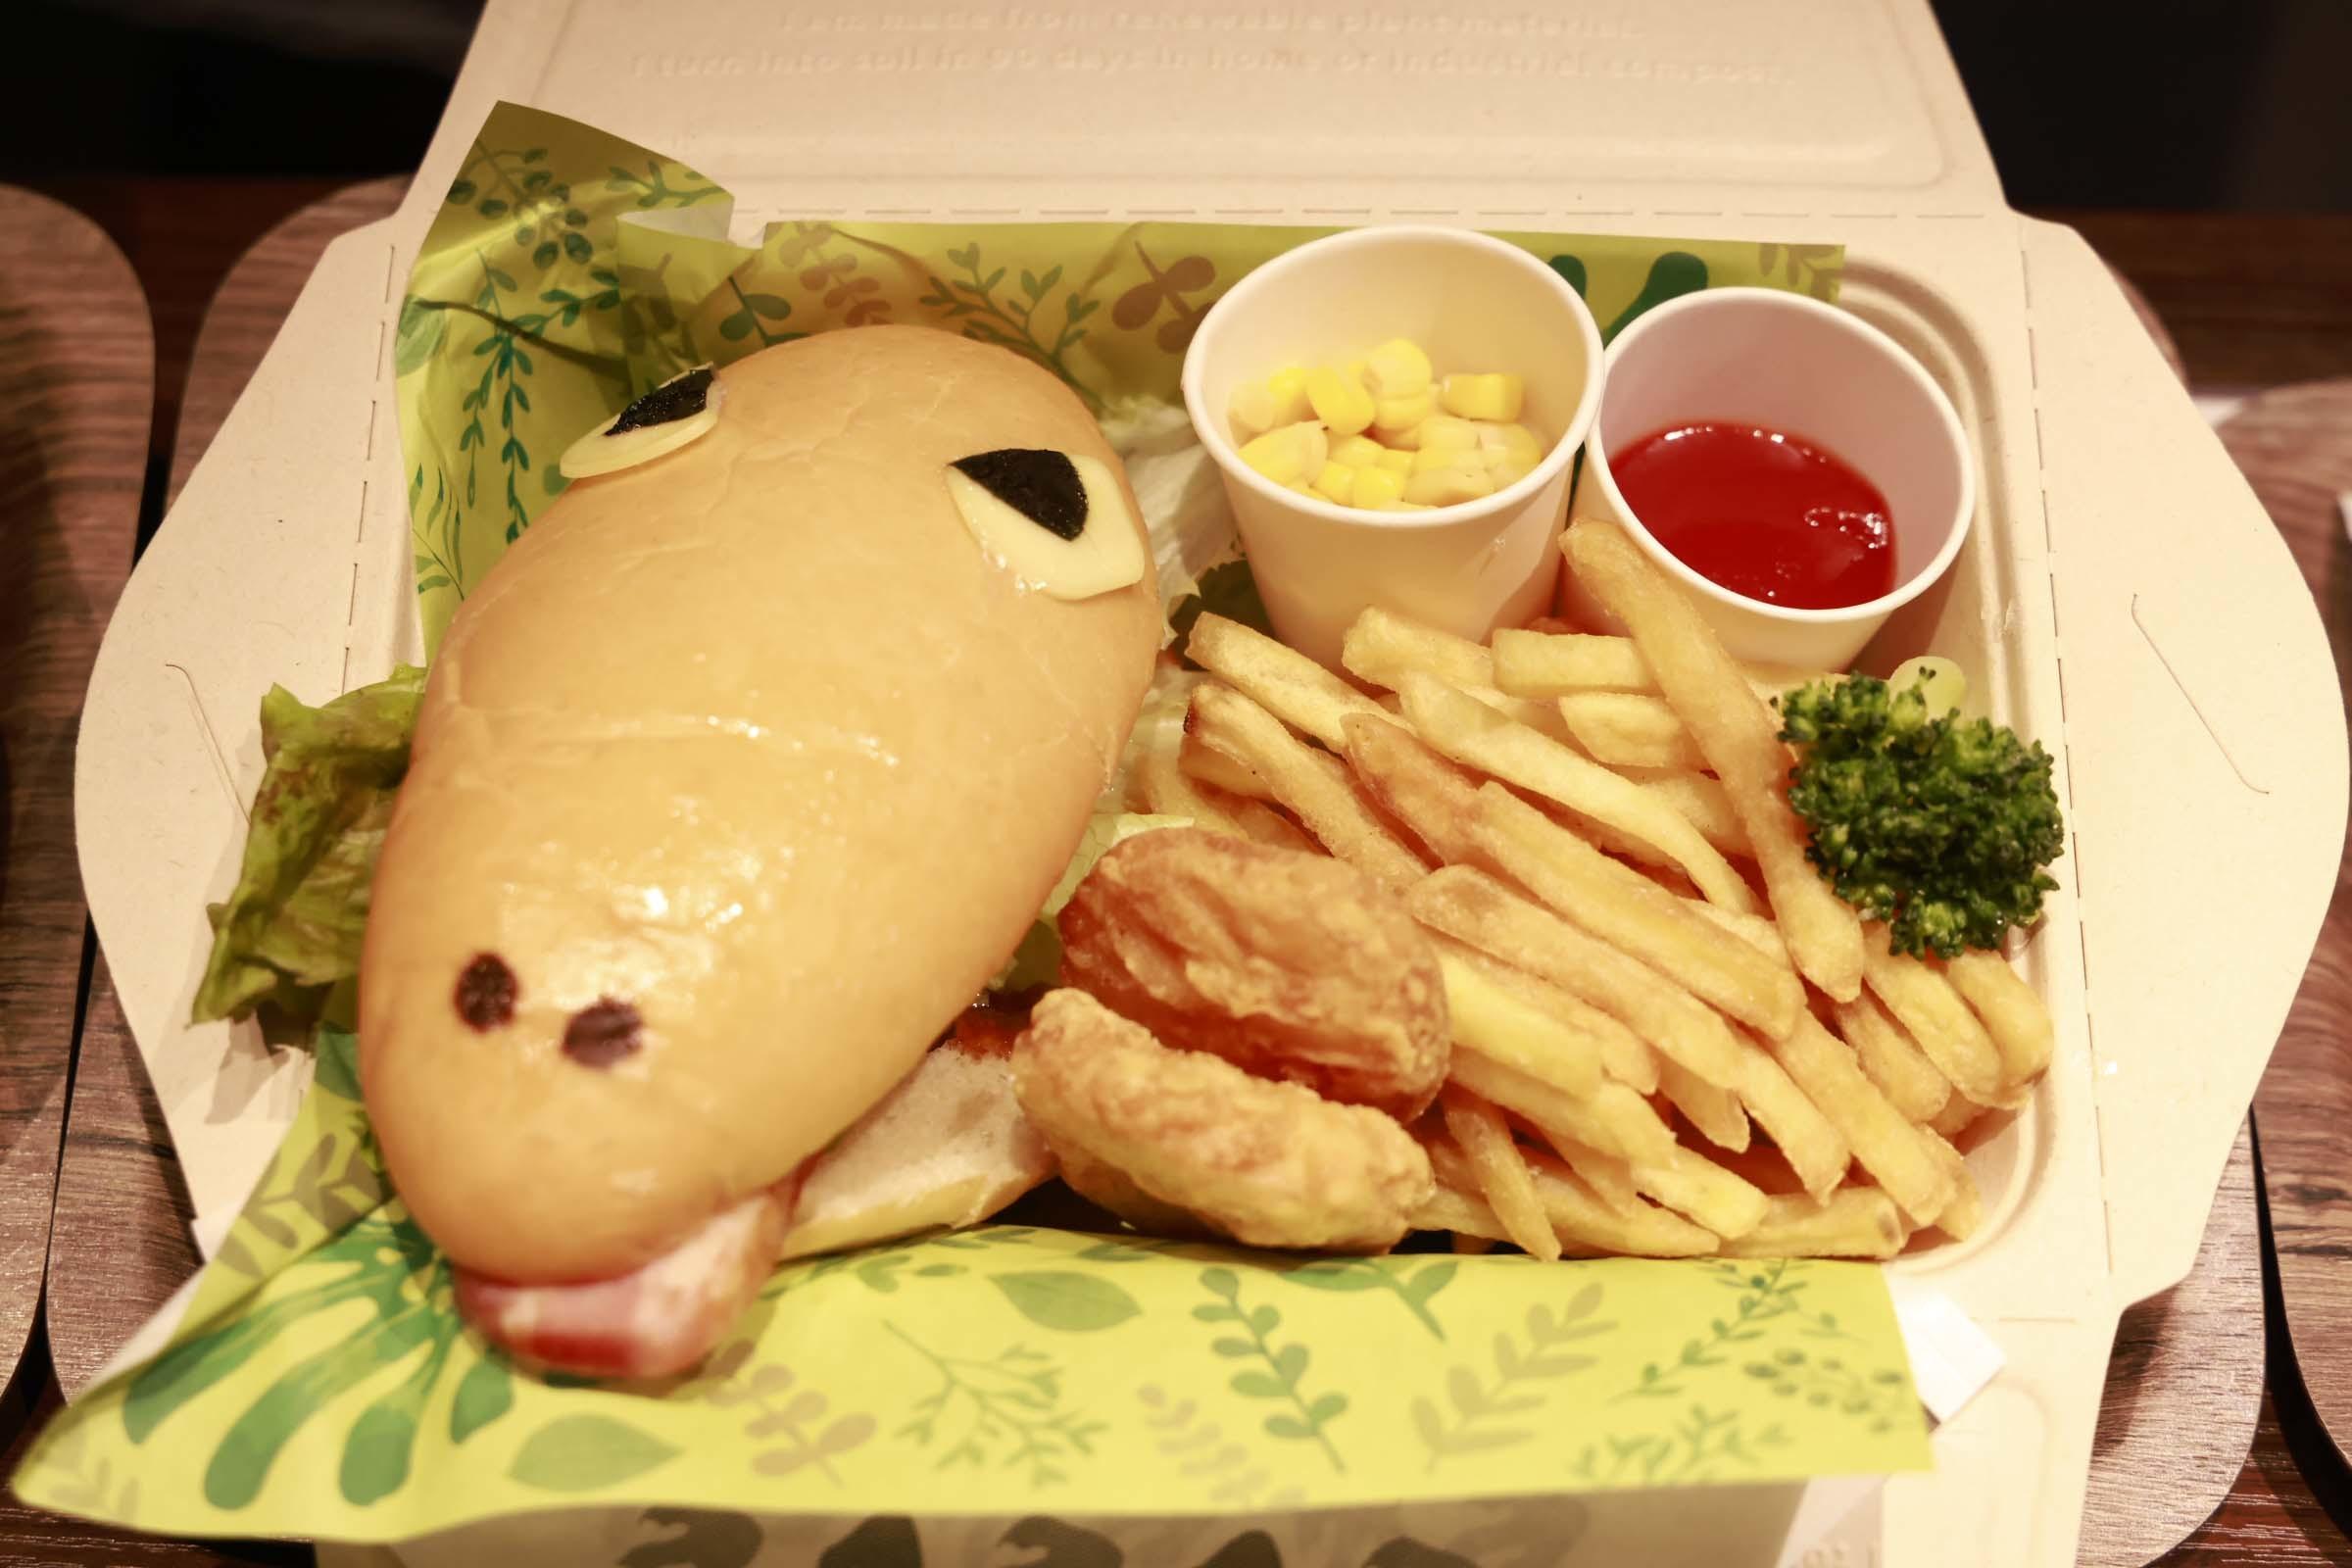 恐竜の顔をイメージしたハンバーガーの「恐竜BOX」